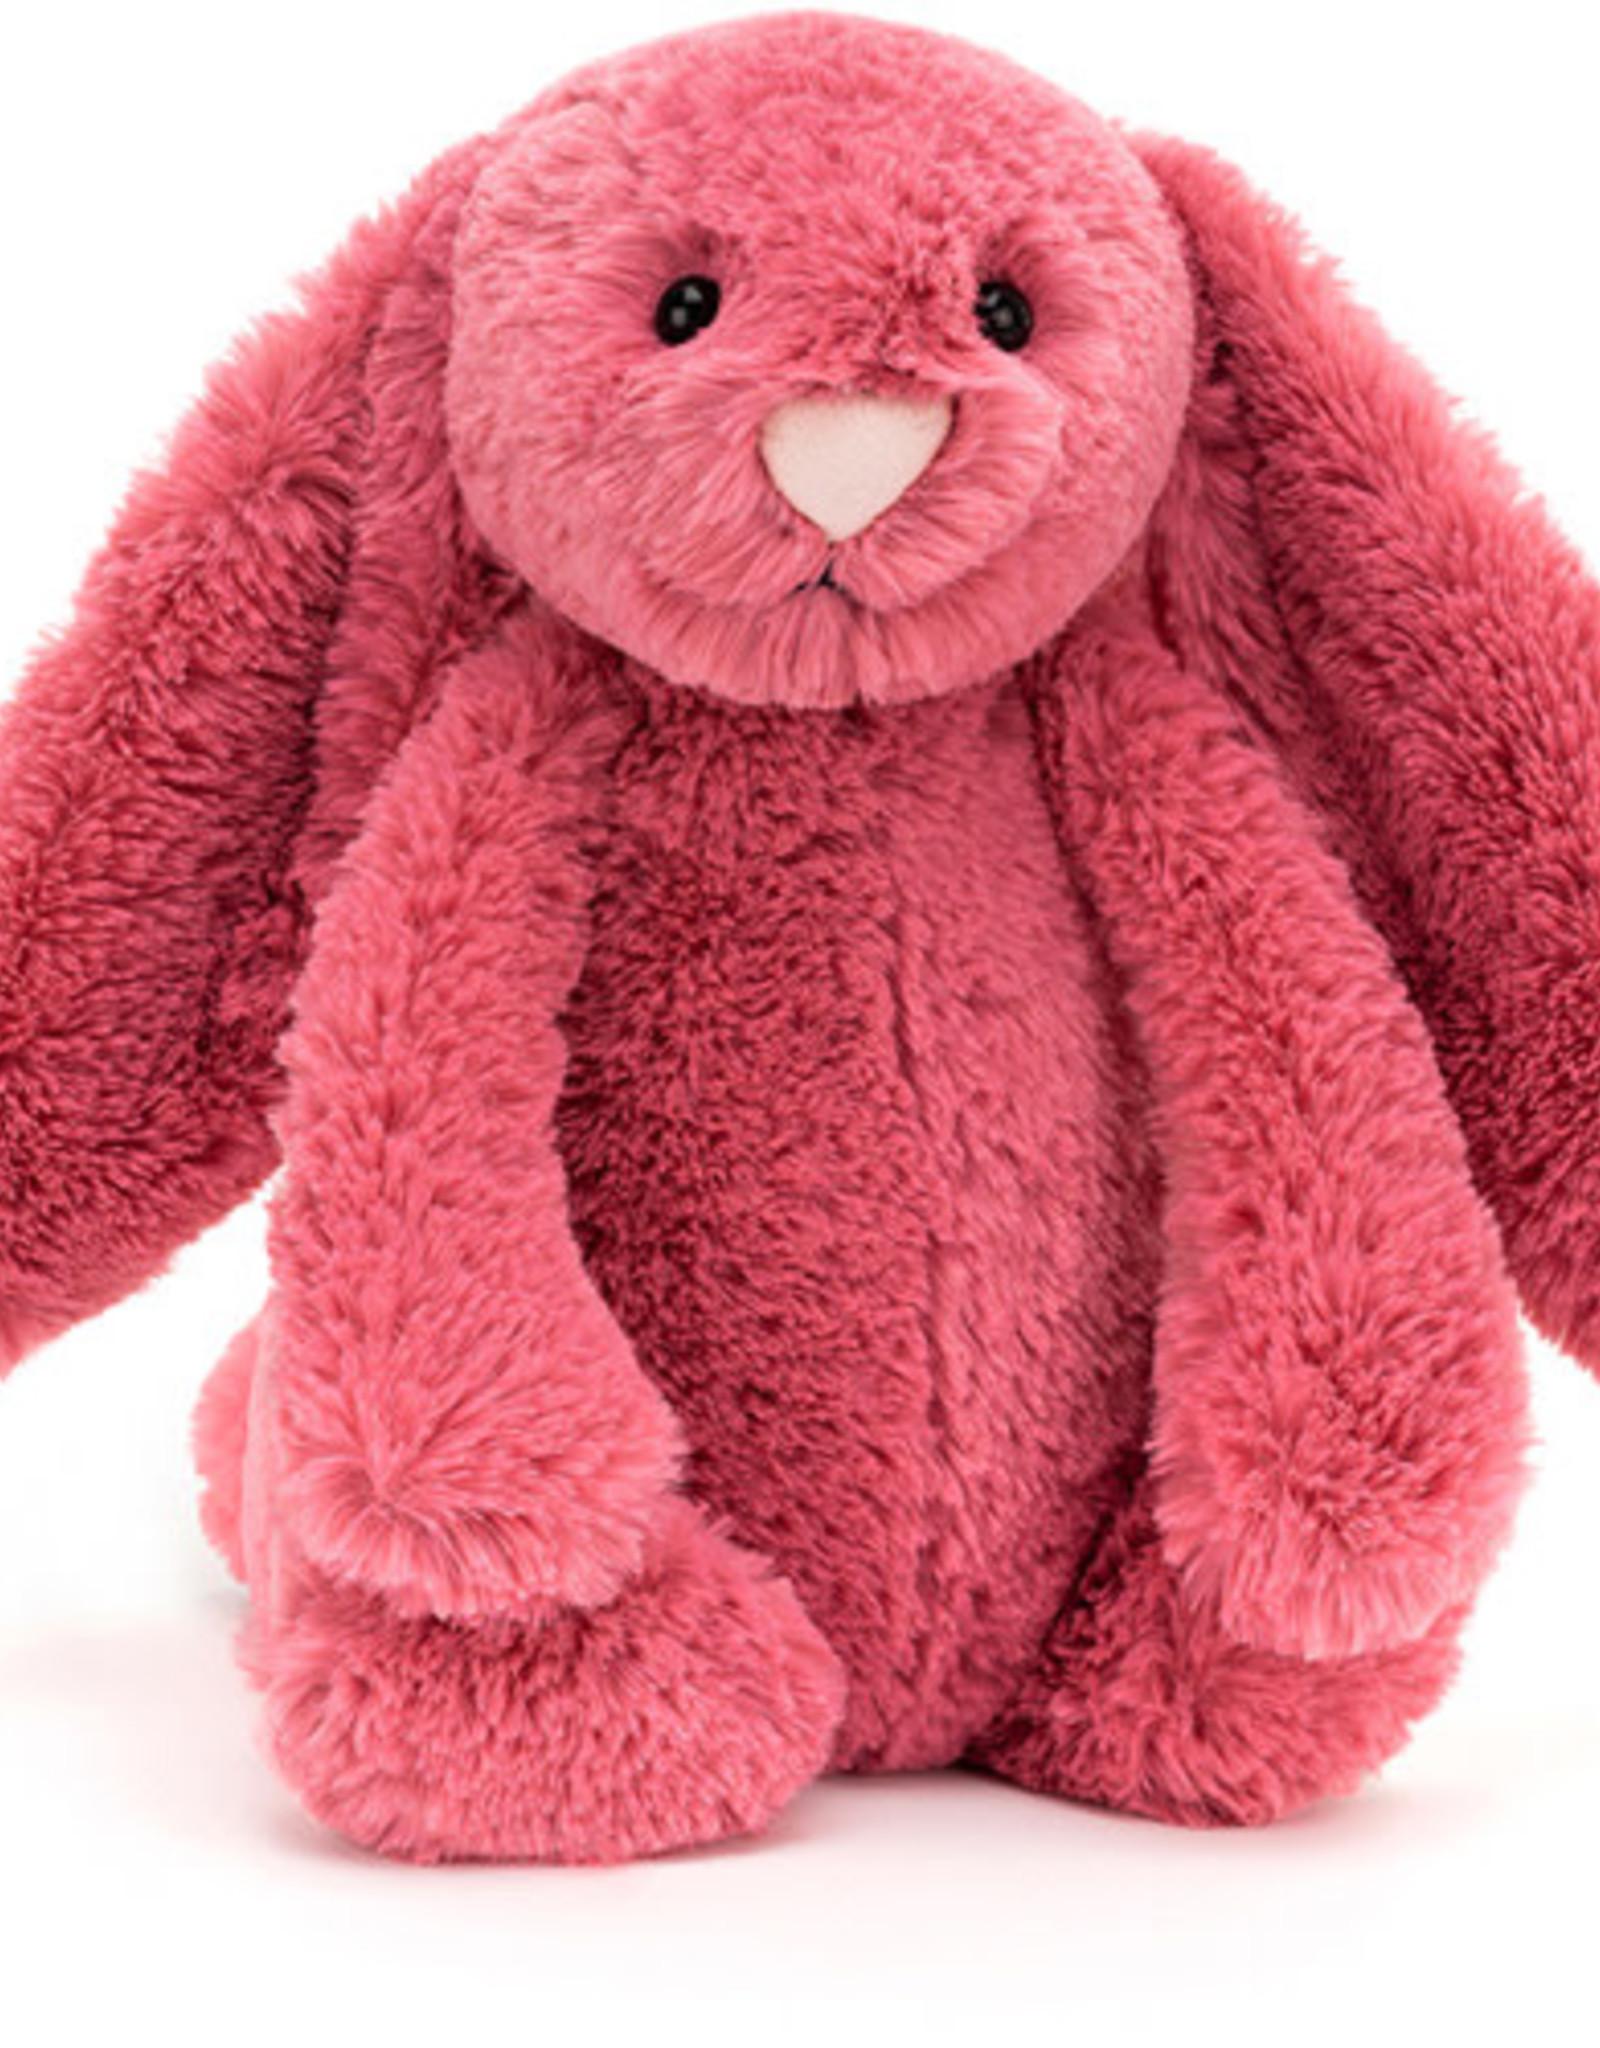 Jellycat Bashful Bunny Cerise M